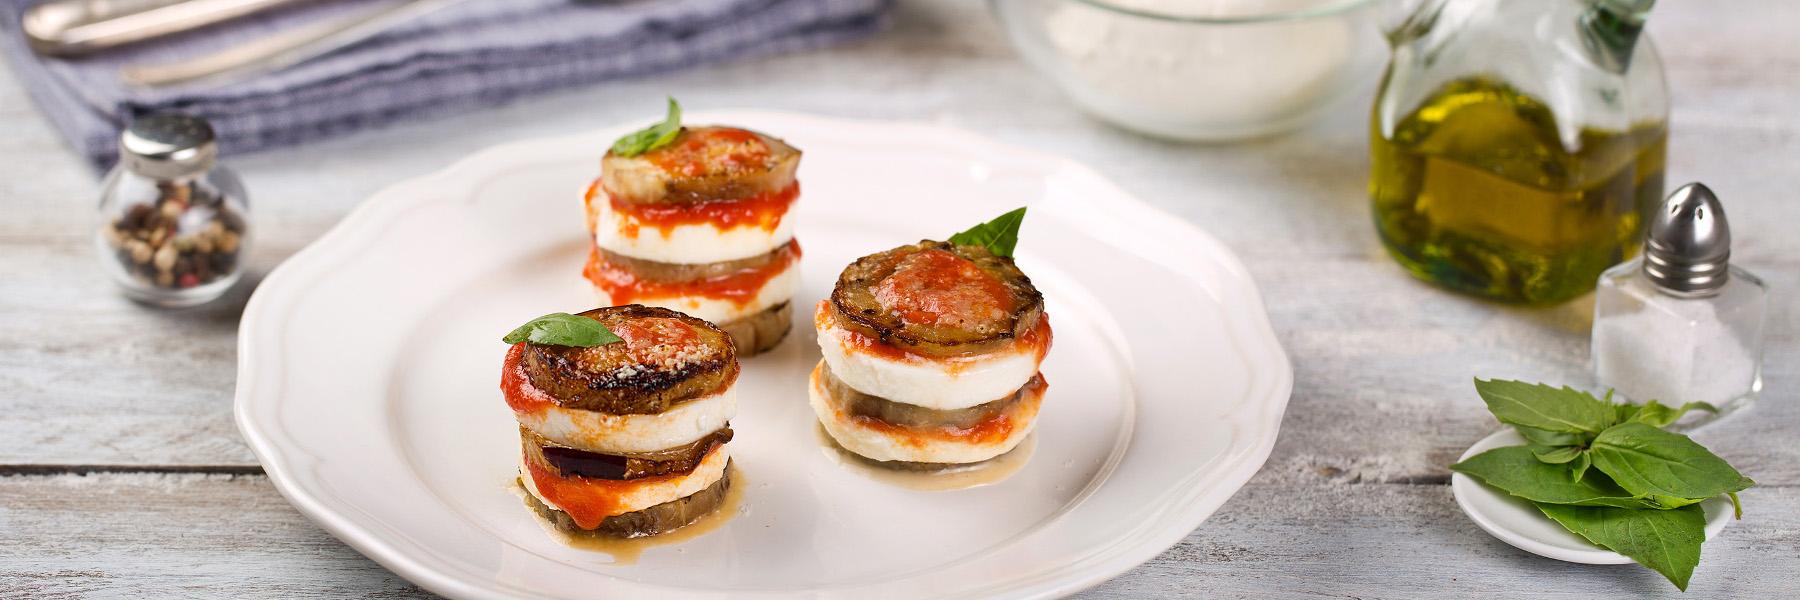 Parmigiana z bakłażana - Galbani – od ponad 130 lat dostarczamy najlepsze włoskie smaki na talerze całego świata